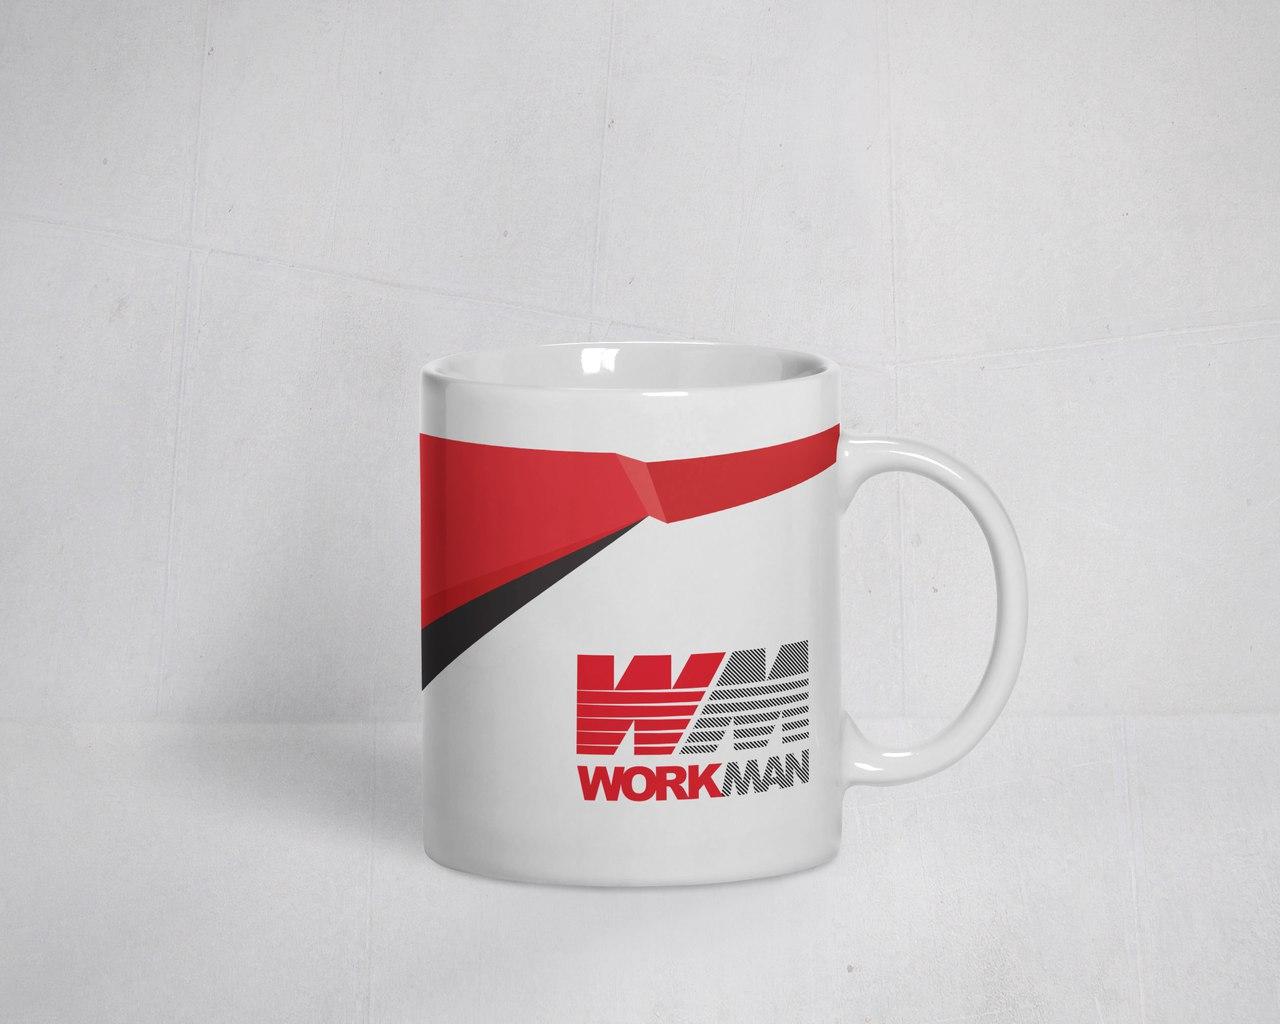 Фирменная стиль для компании WorkMan